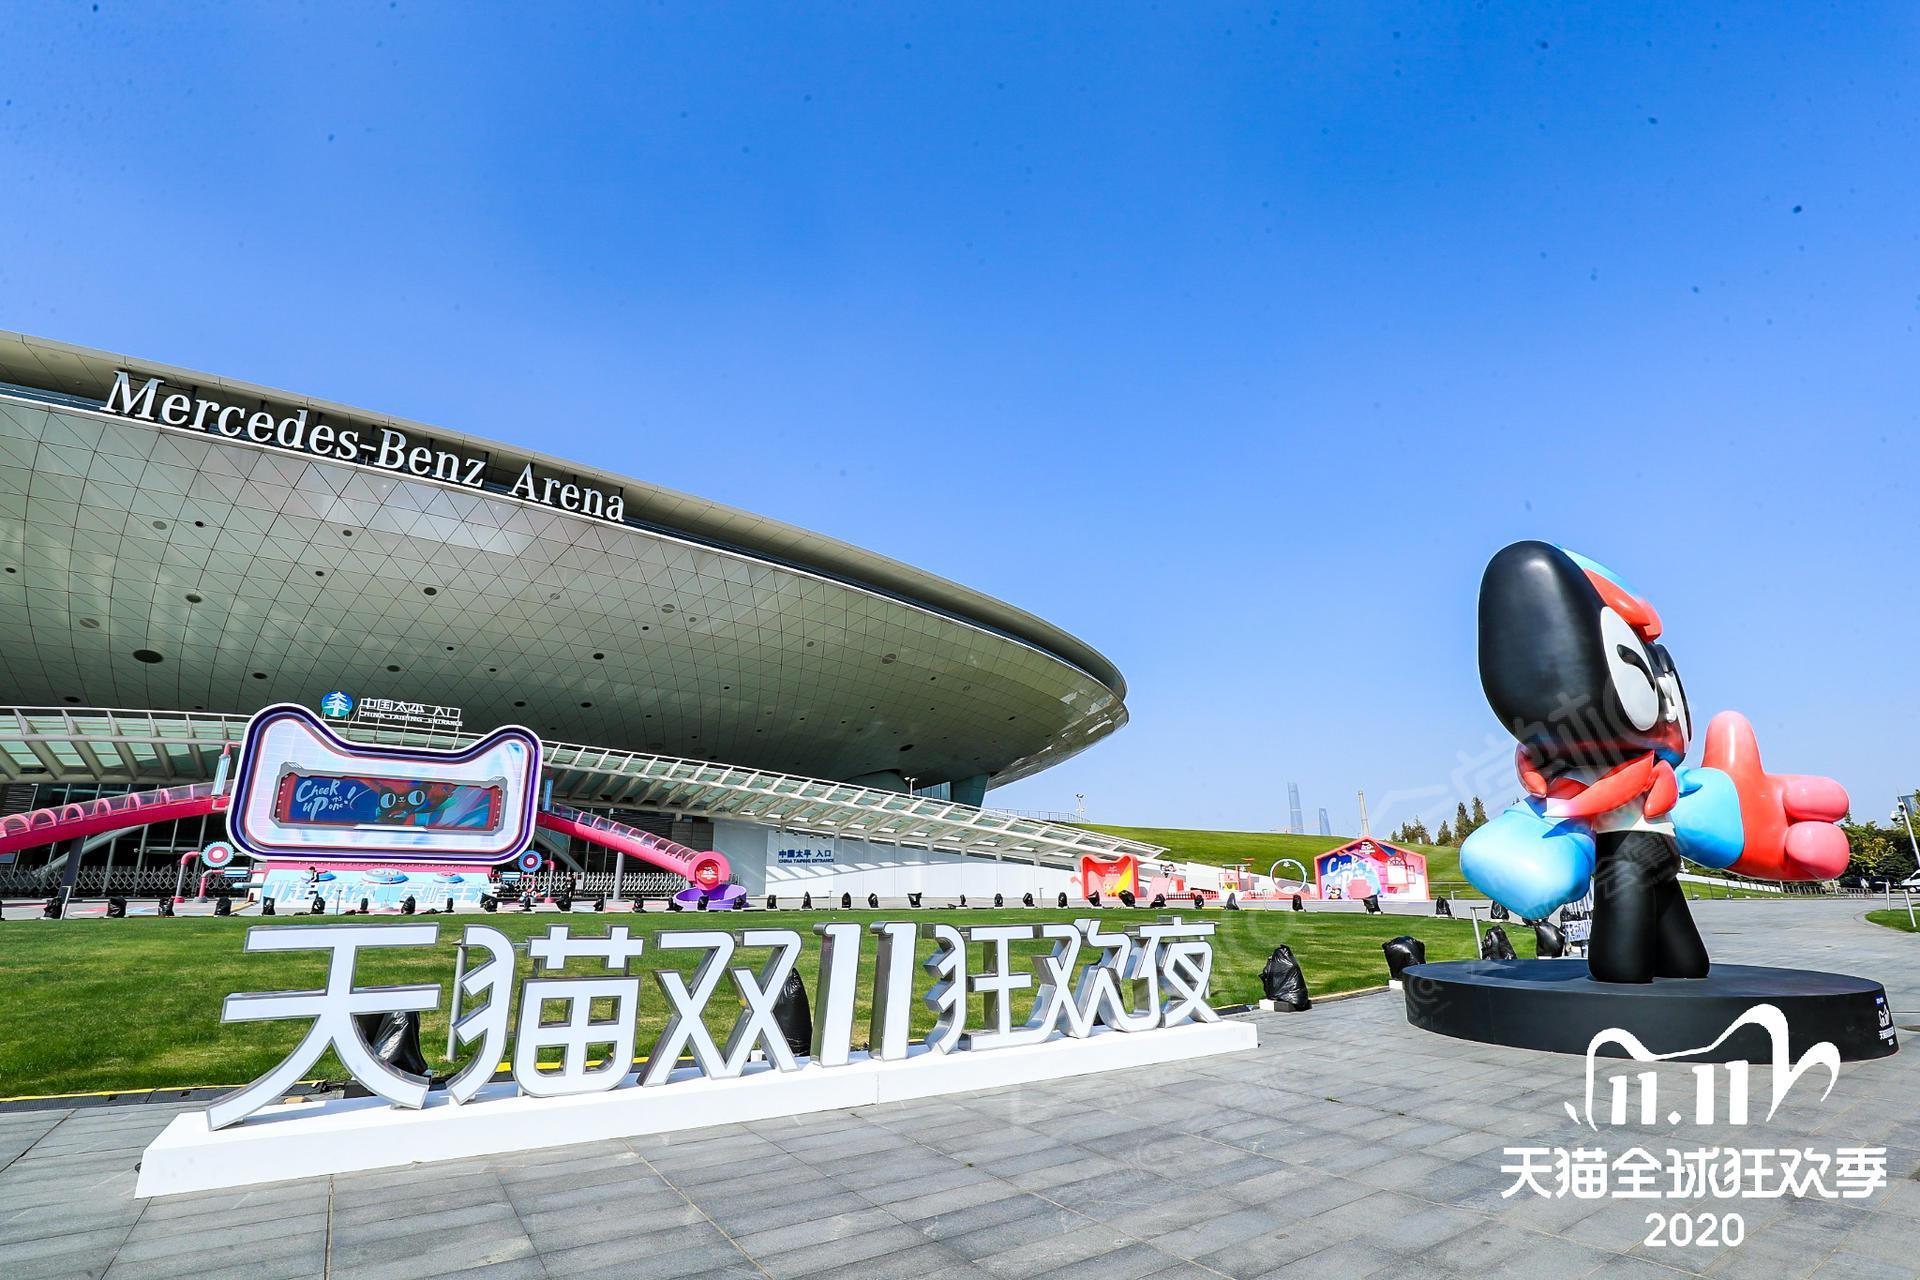 上海梅赛德斯奔驰---3000m²的场地能容纳5000多人